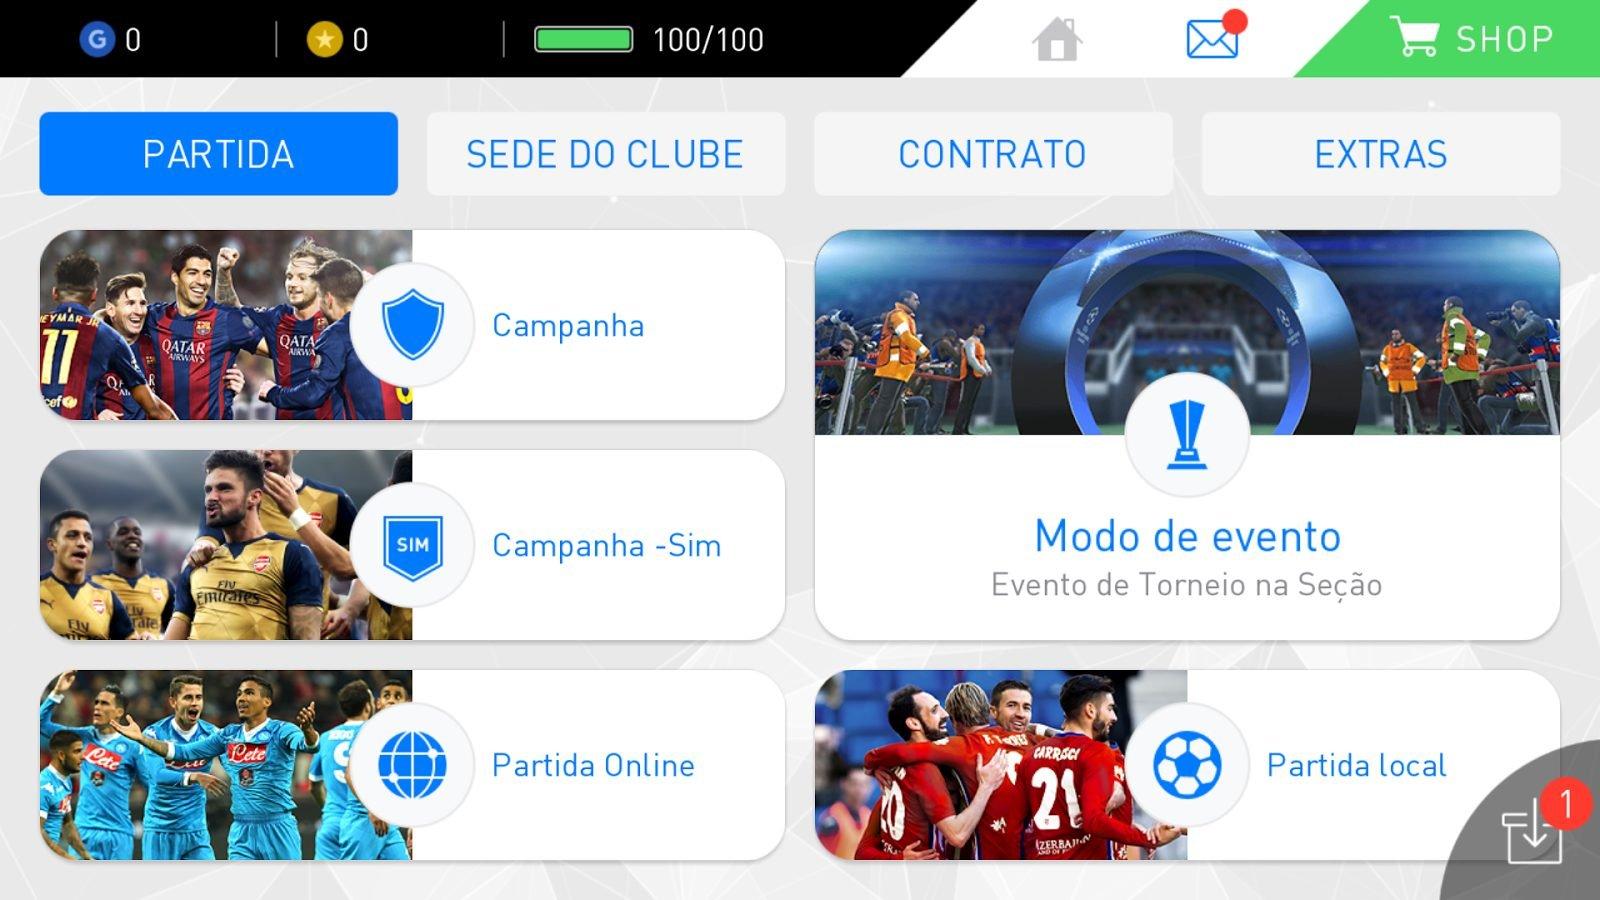 Descargar PES2017 Impresionante Juego de Futbol Android - PES2017 GAMEPLAY - Image